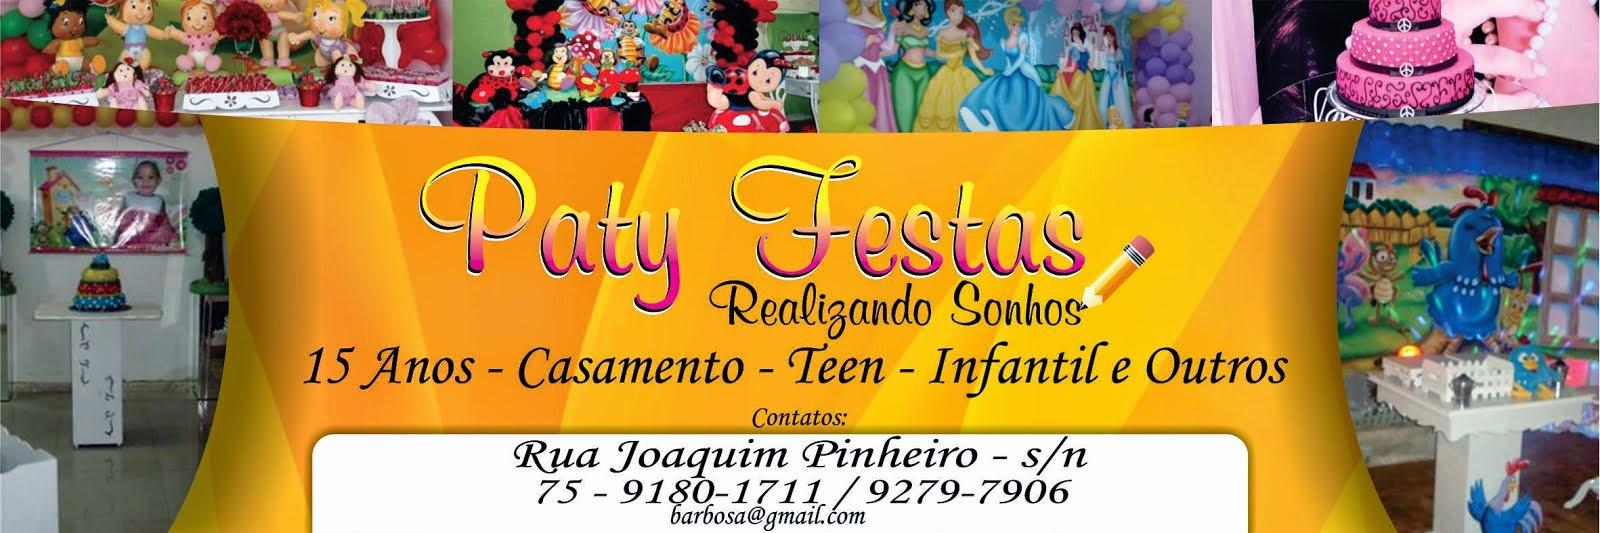 PATY FESTAS